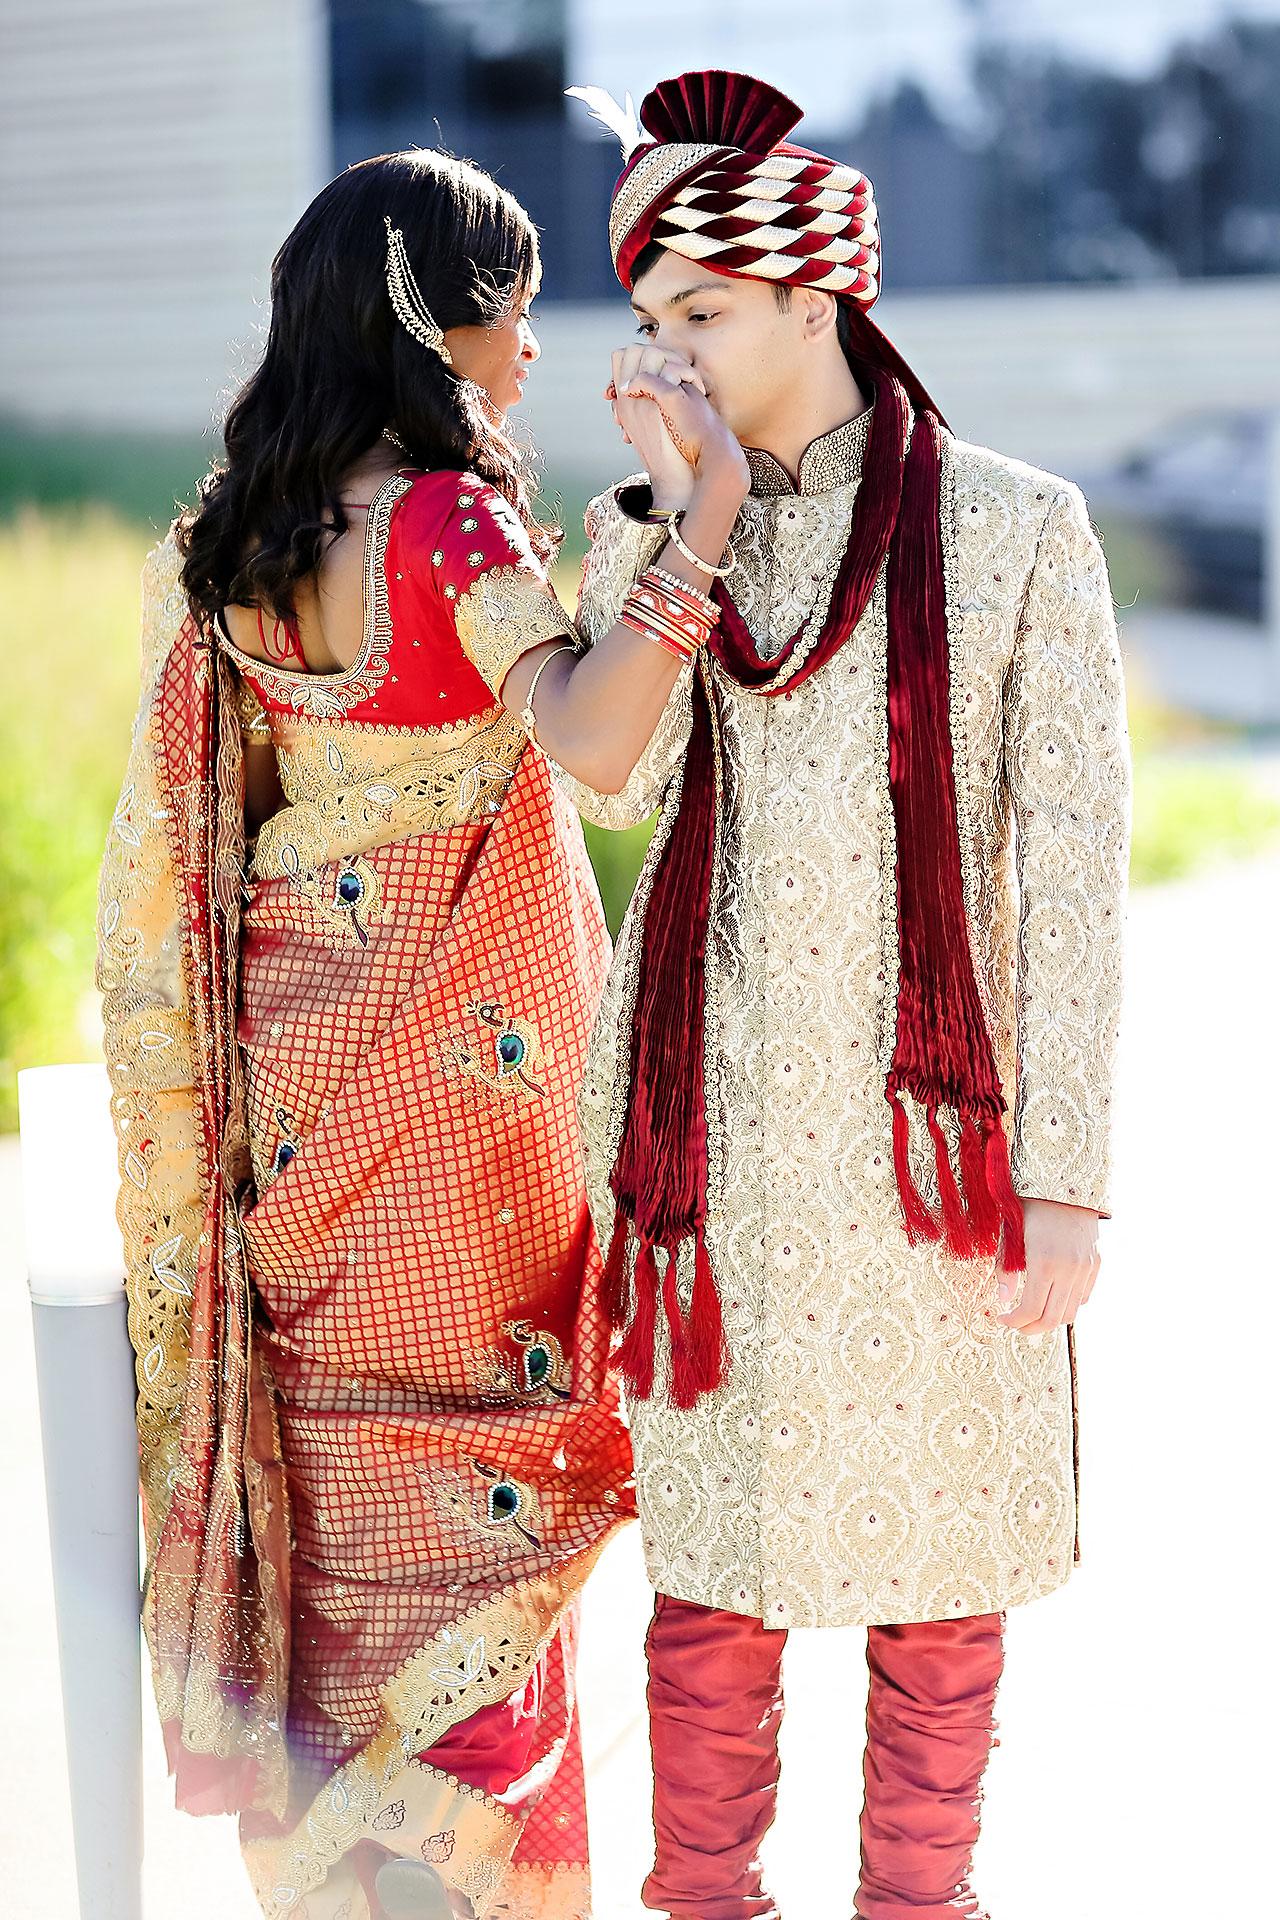 Joie Nikhil JW Marriott Indian Wedding 106